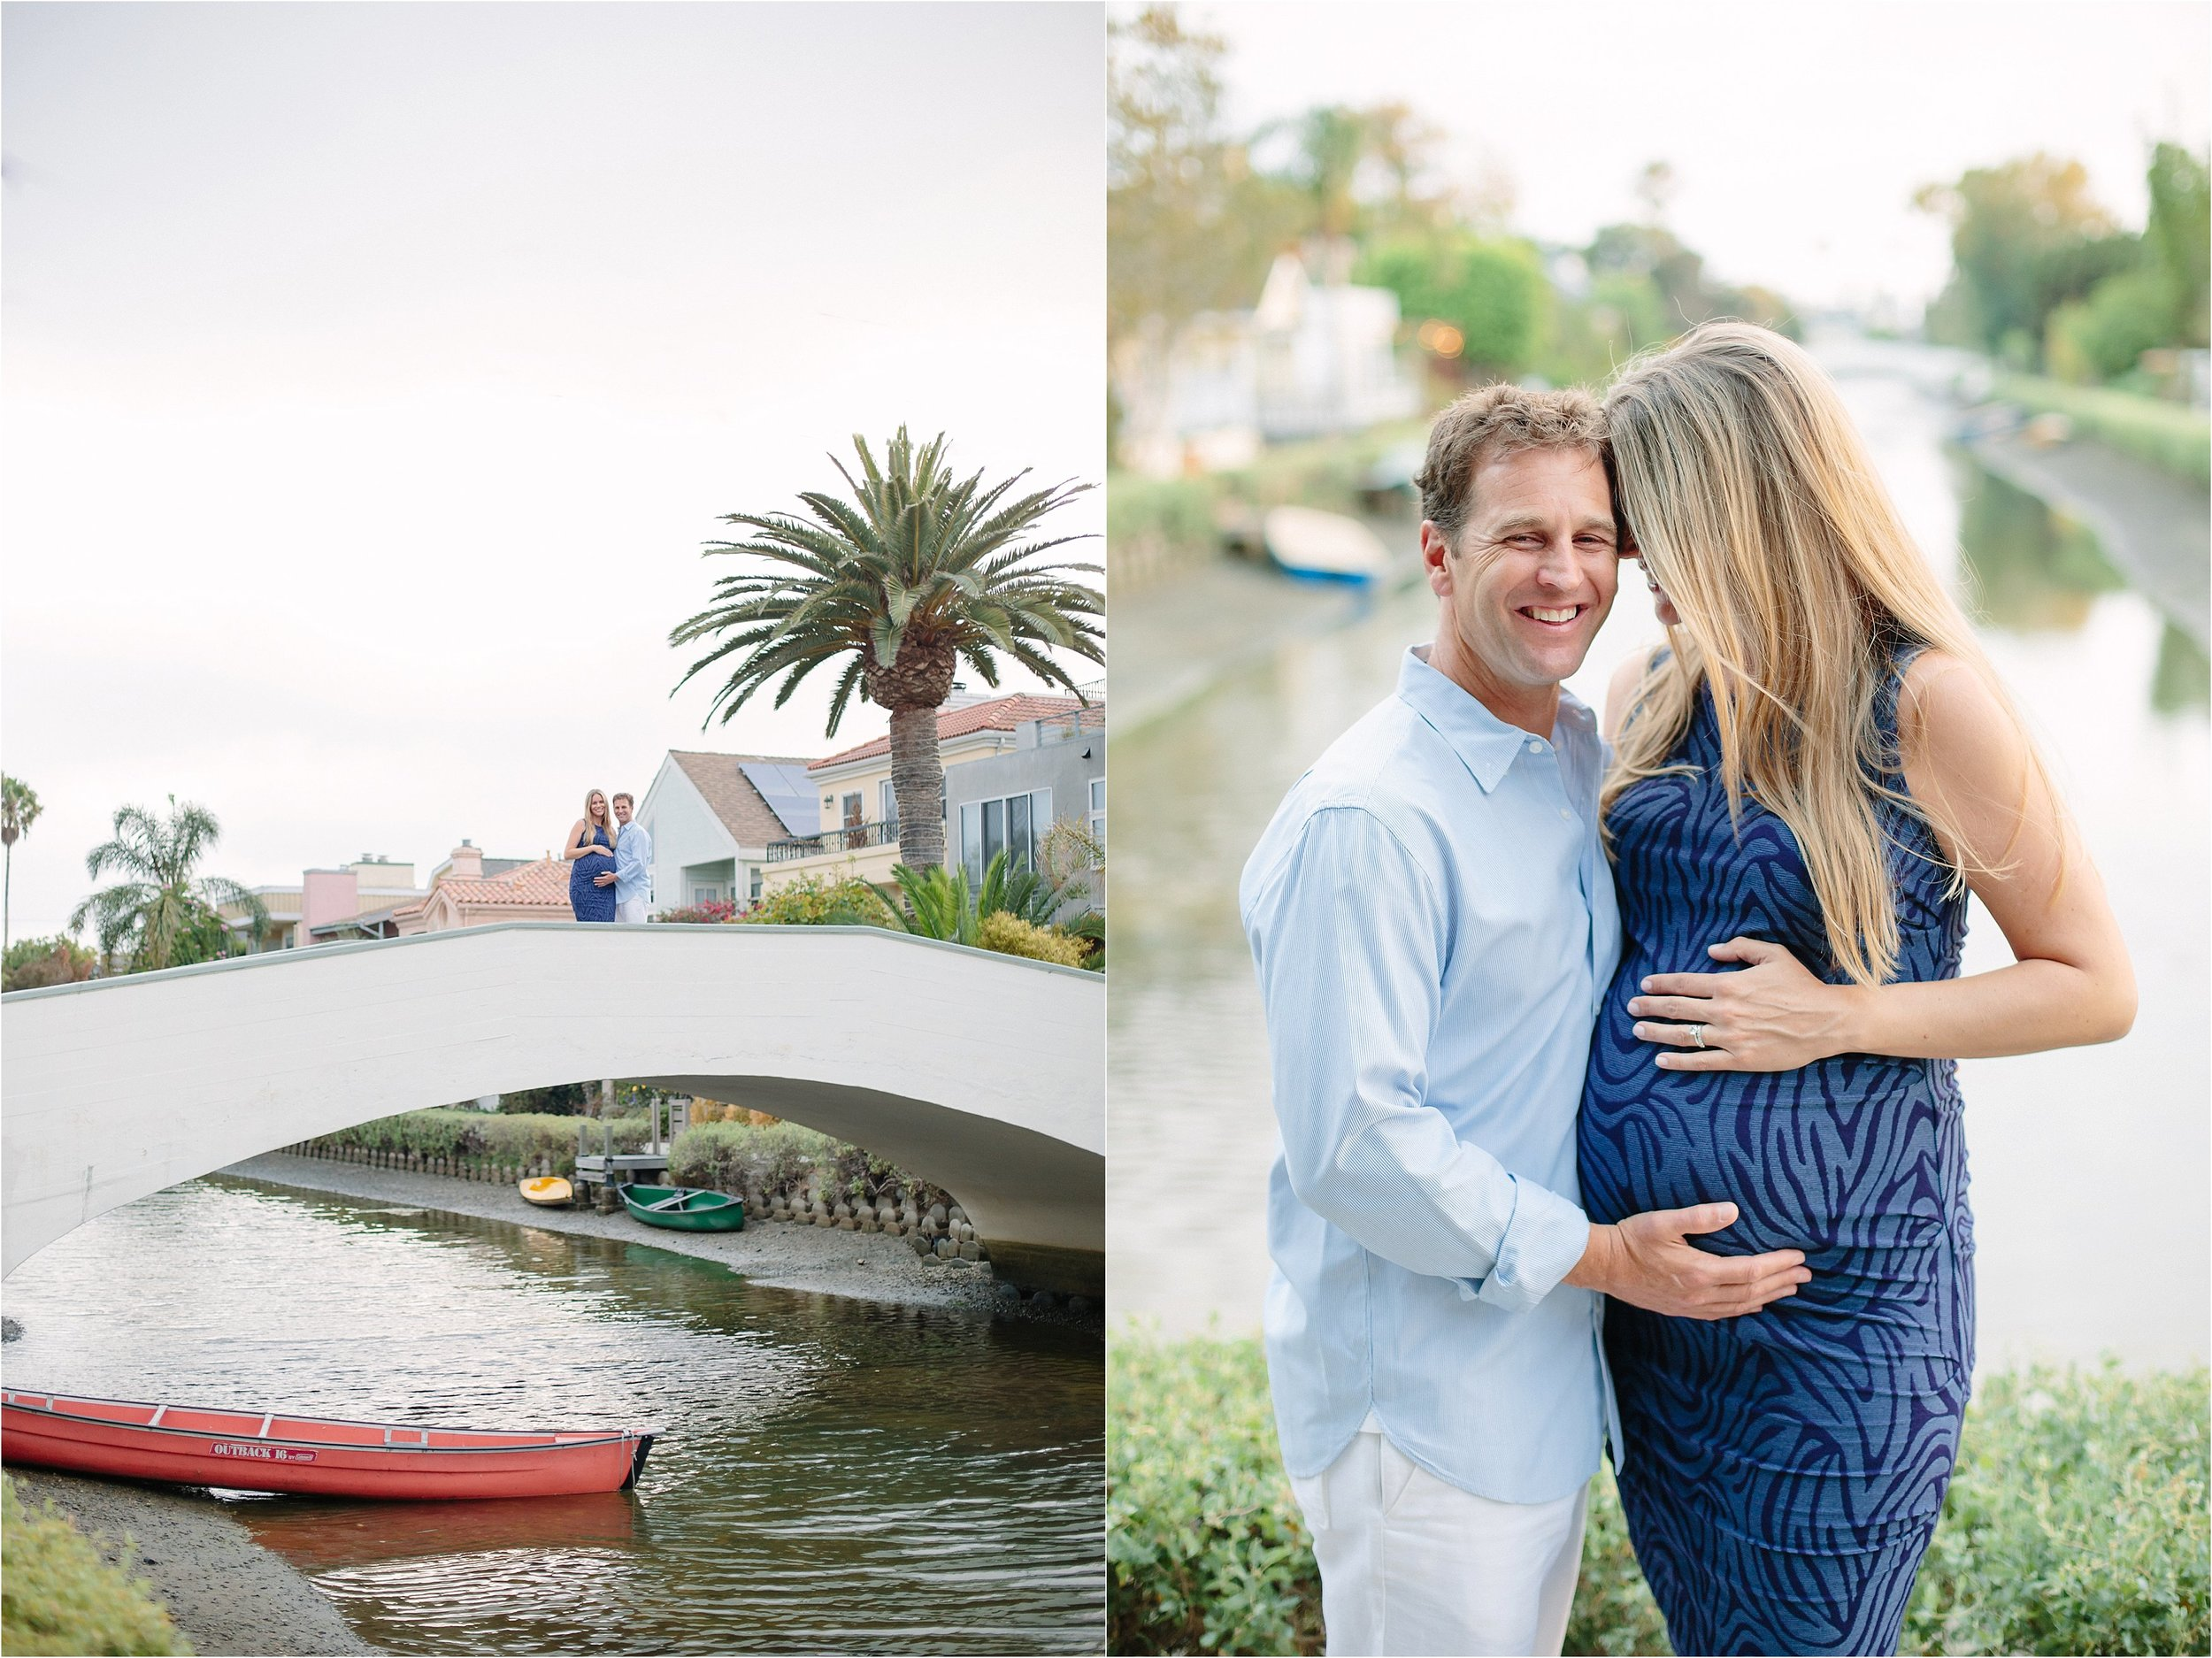 Venice Maternity Photo Shoot